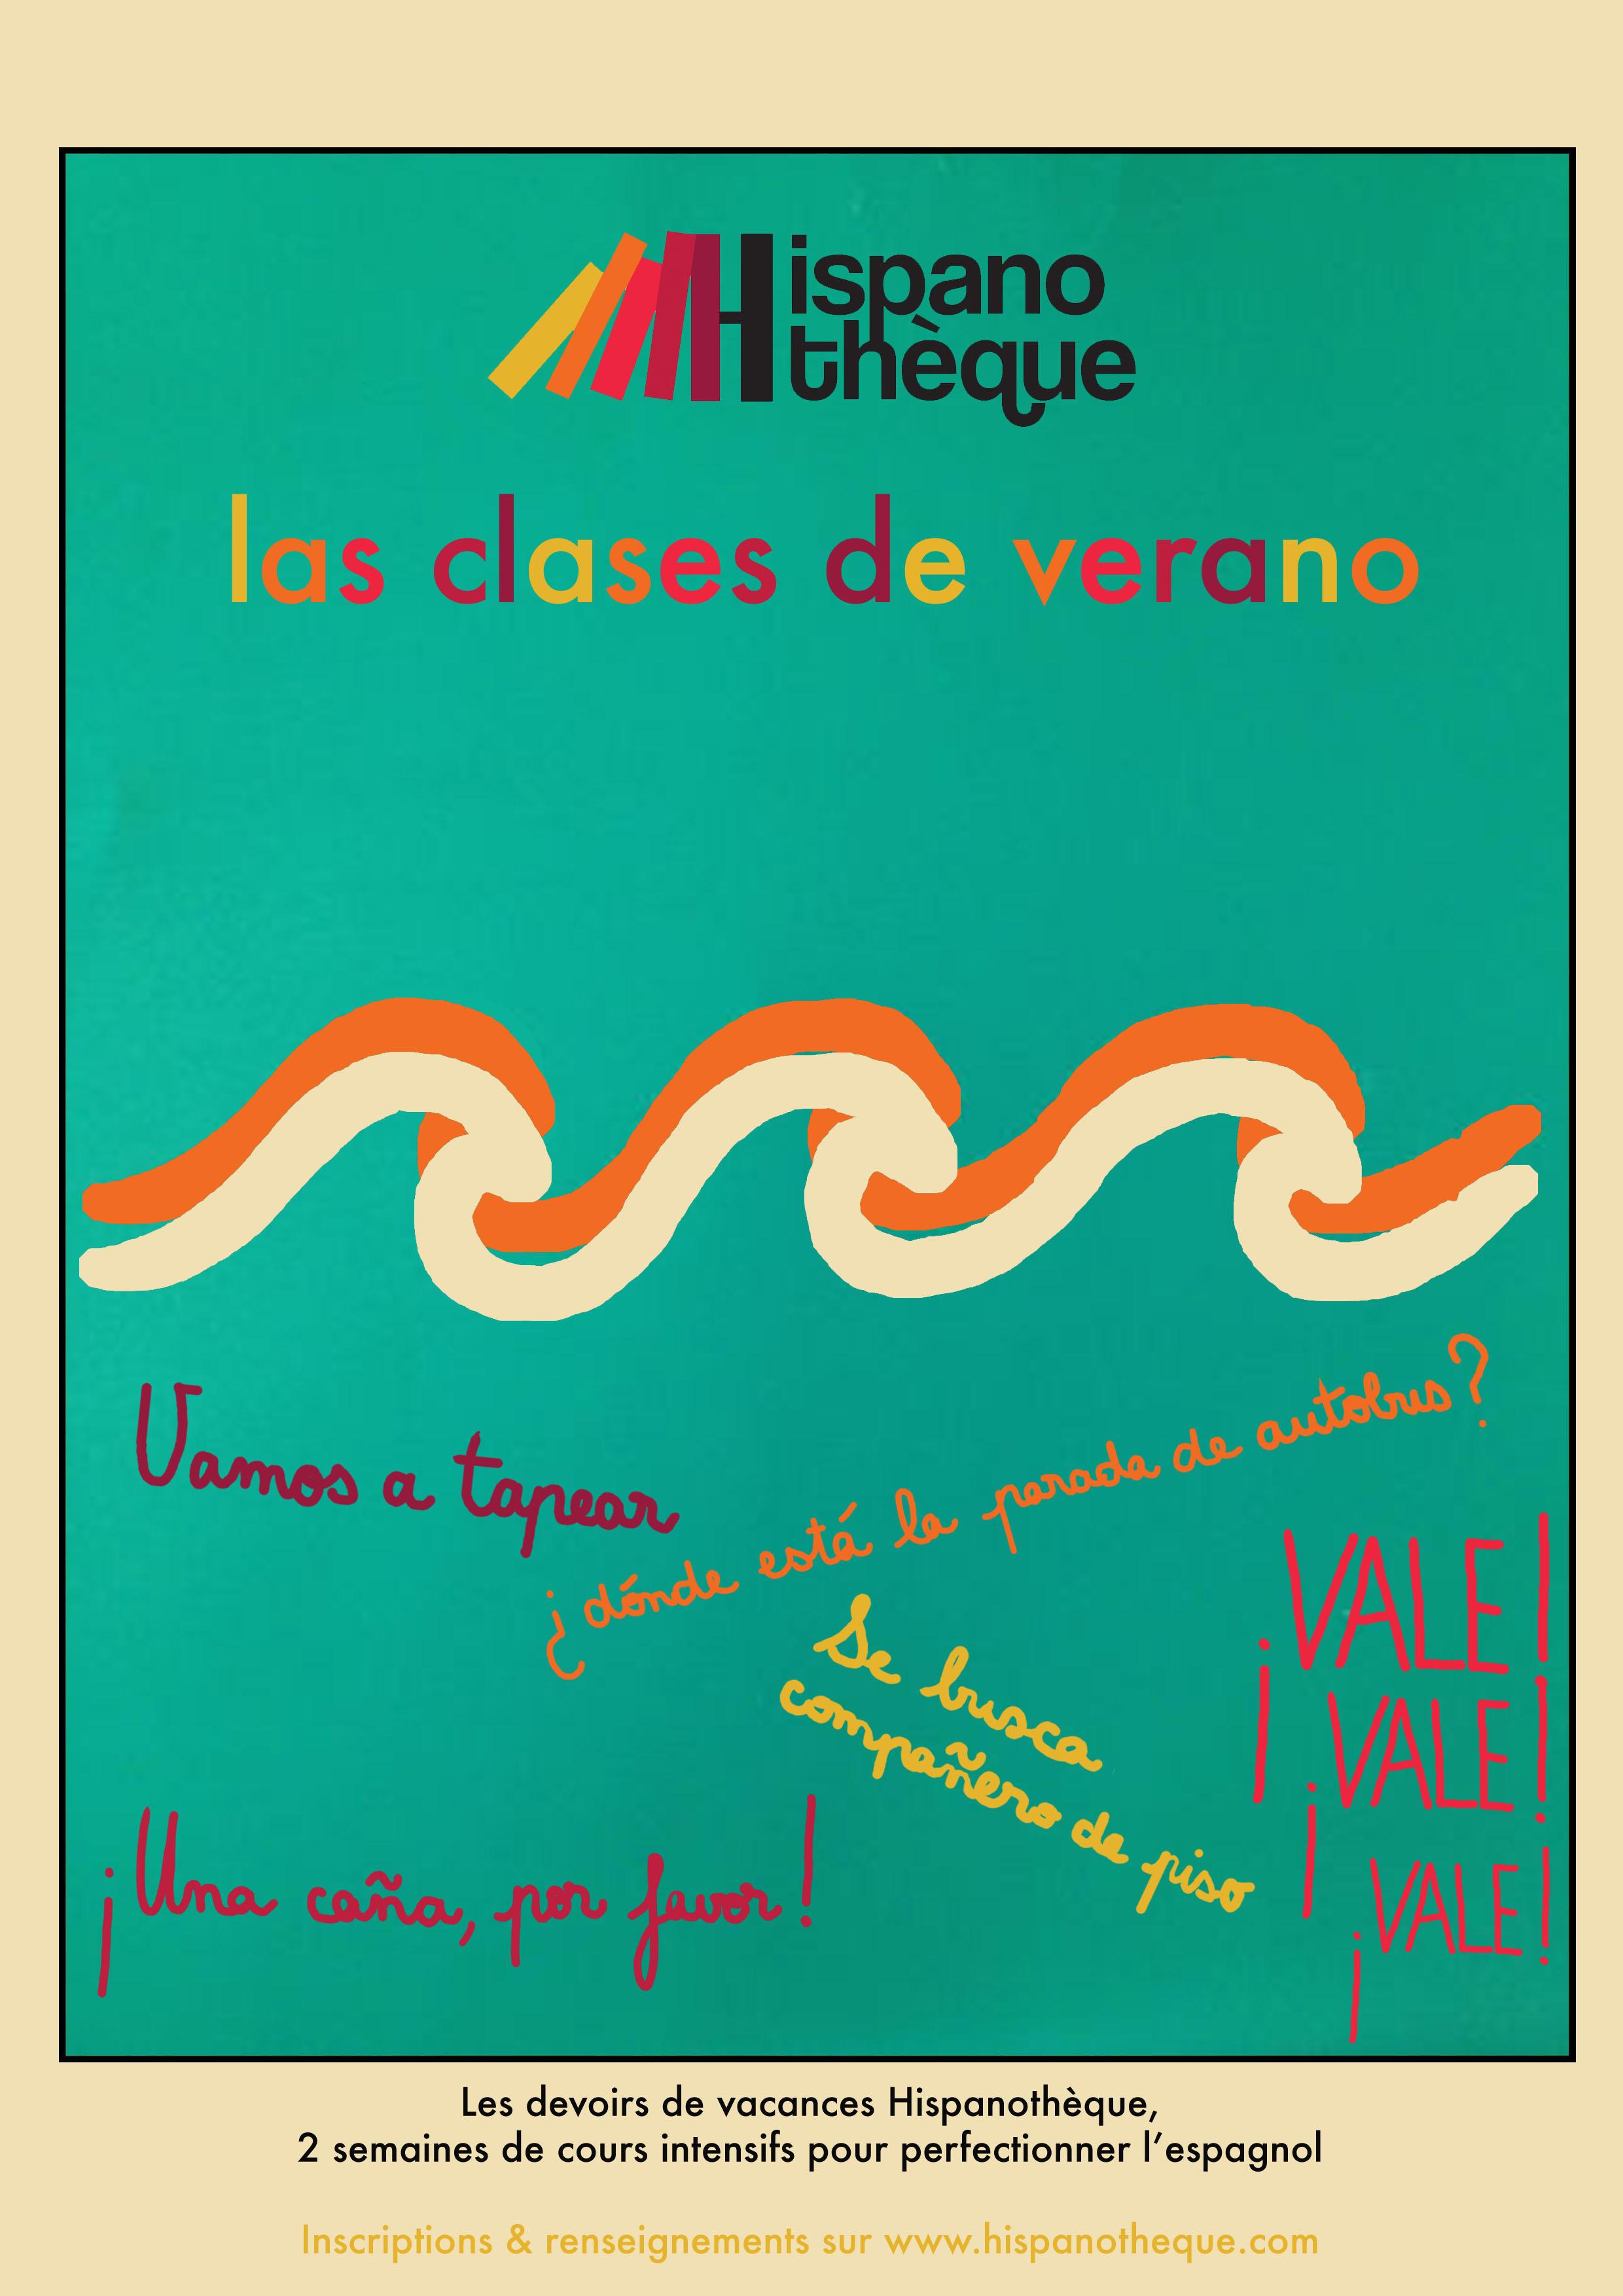 dialogue de rencontre en espagnol